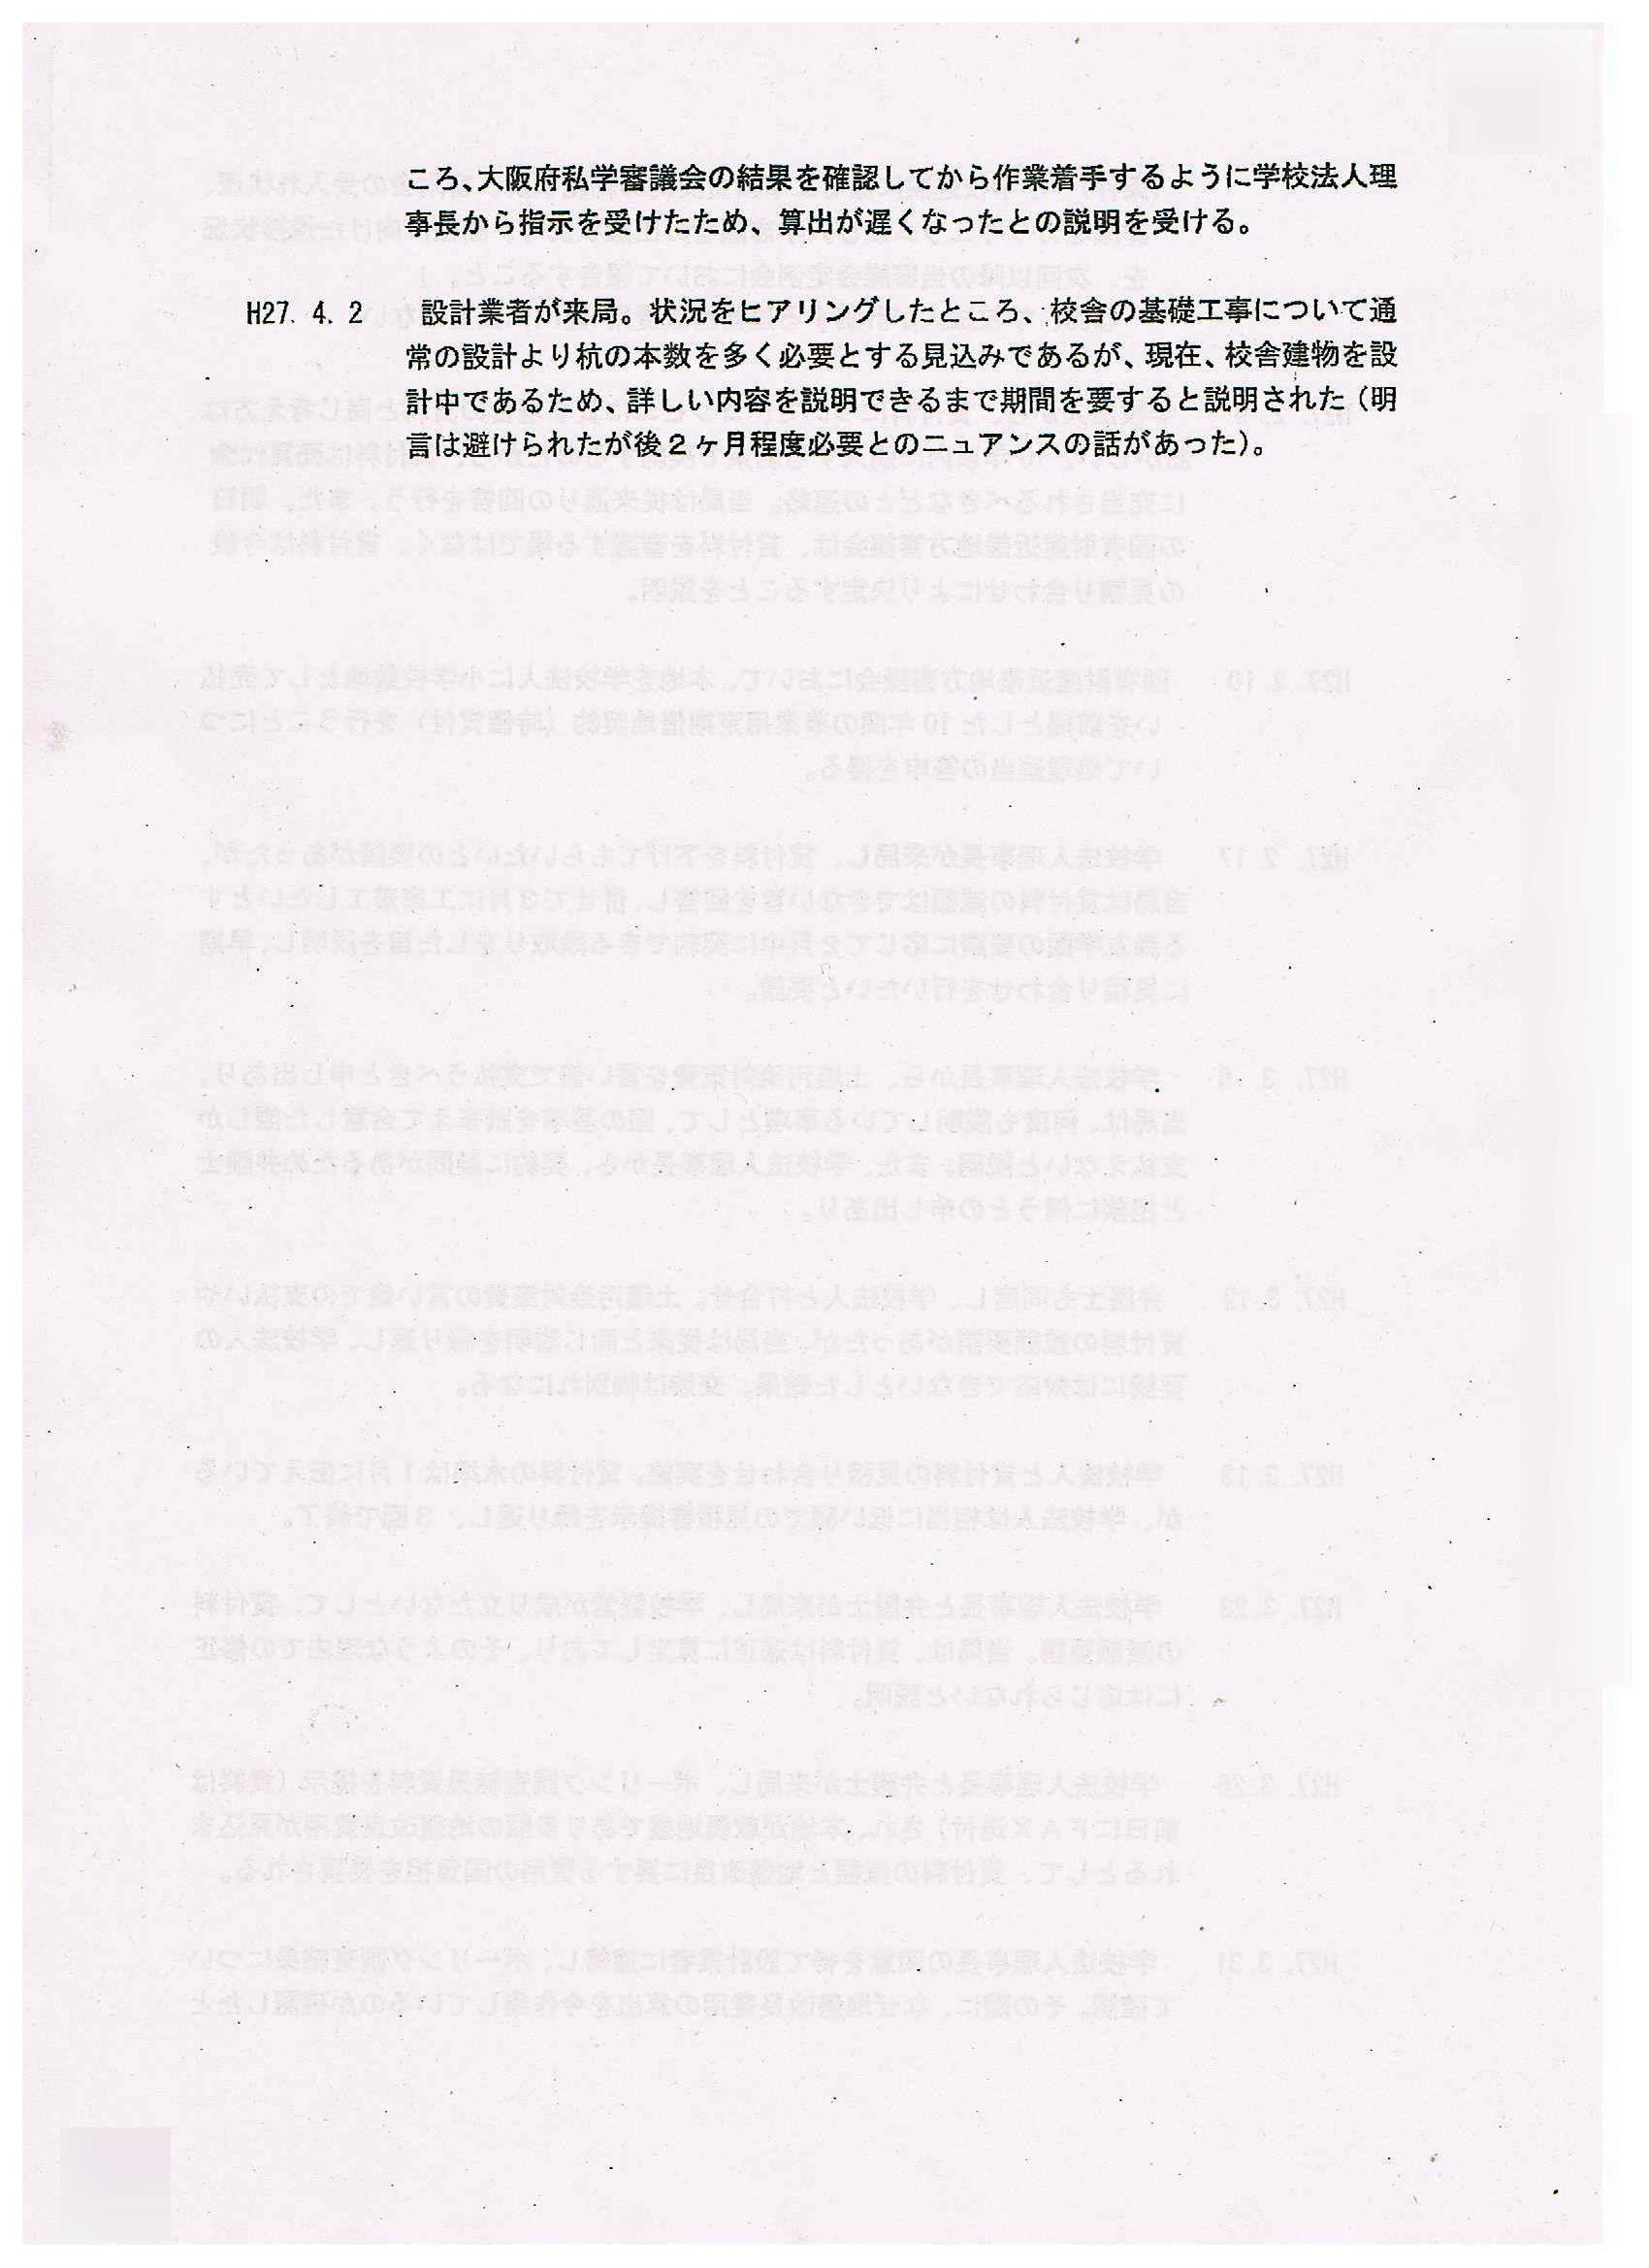 http://hunter-investigate.jp/news/53f619a63f2cfa005365ccc93b4a3fb960aab469.jpg